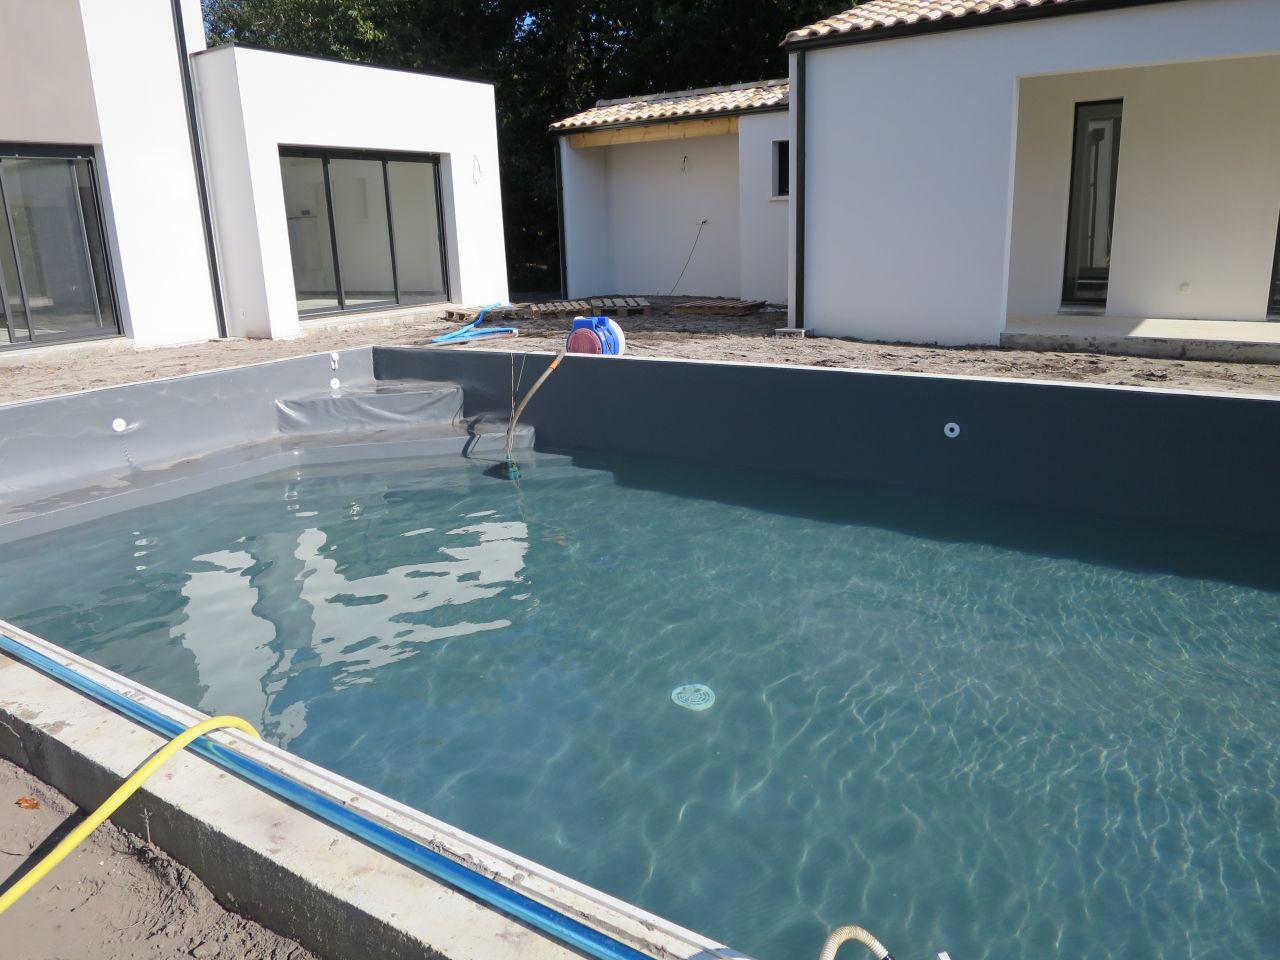 Photo remplissage de la piscine piscine charente for Remplissage automatique piscine